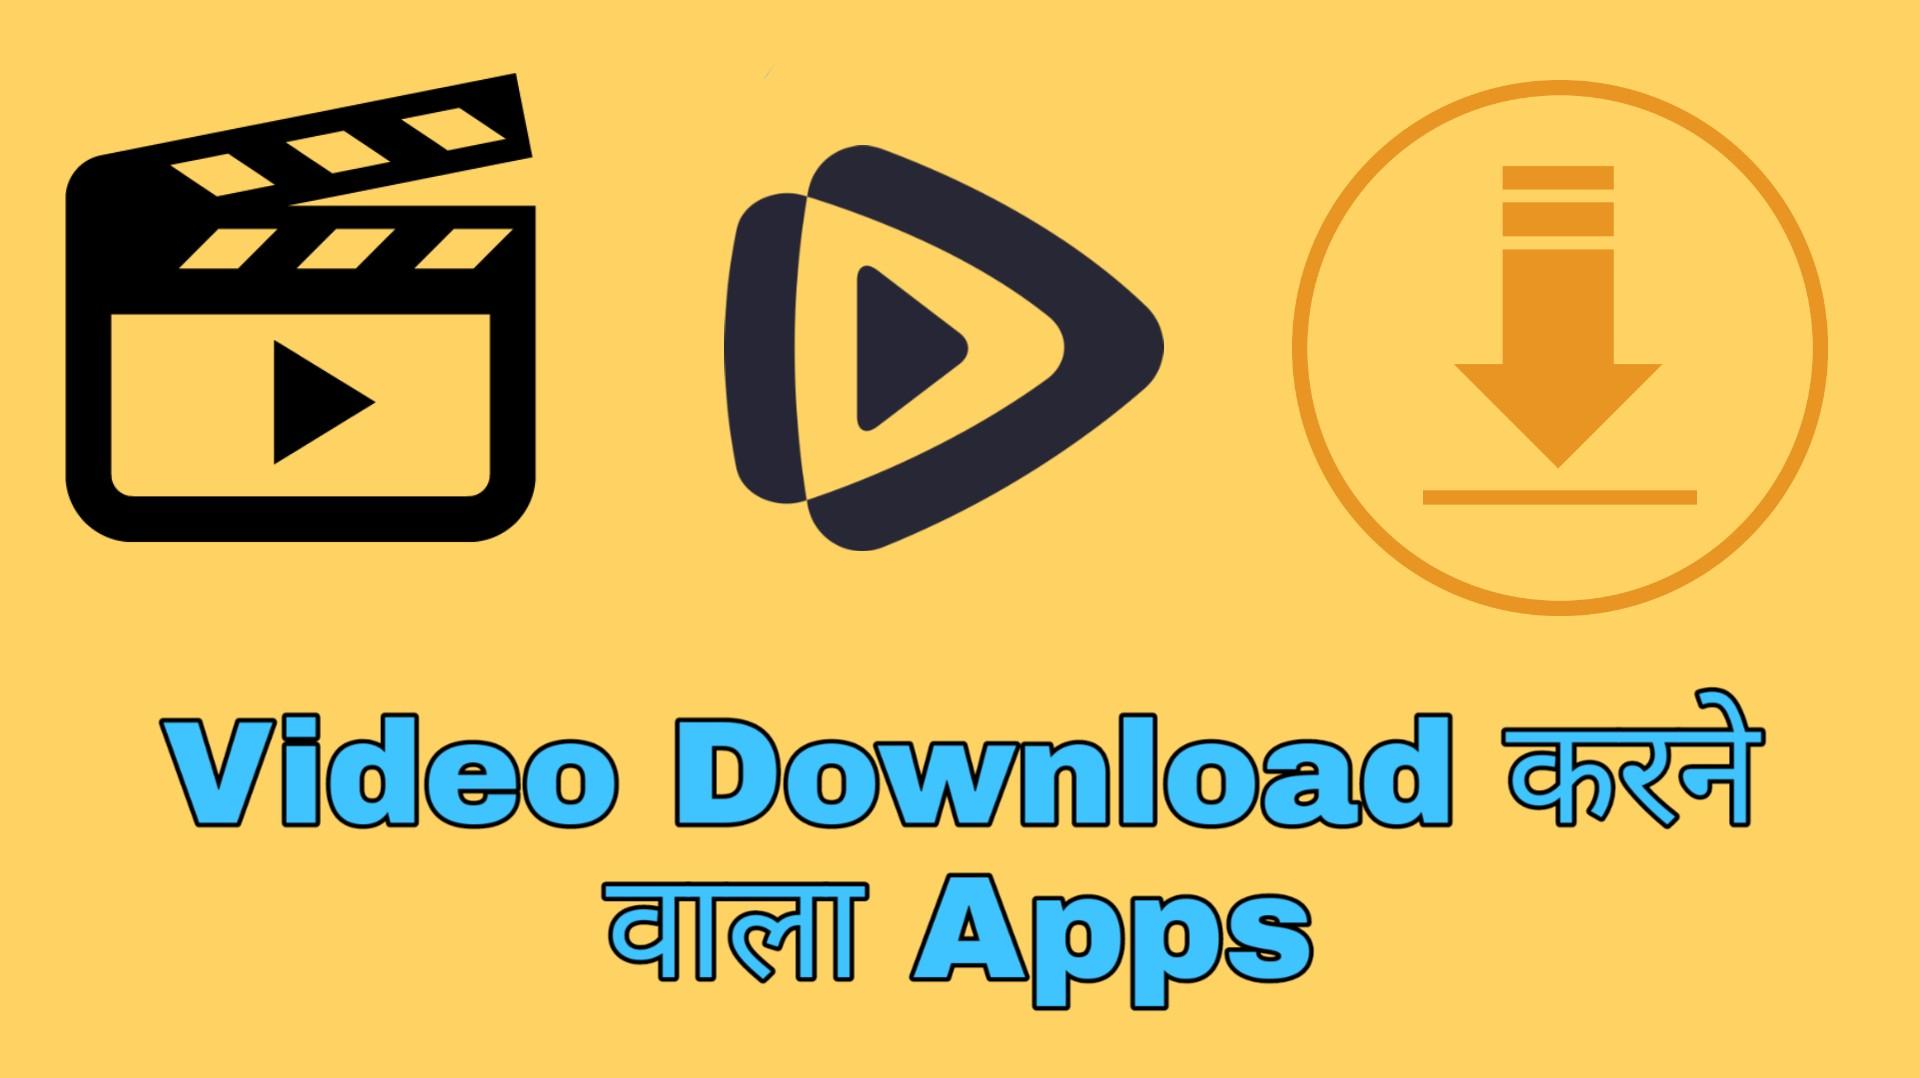 Video Download À¤•à¤°à¤¨ À¤µ À¤² Apps Videos À¤¡ À¤‰à¤¨à¤² À¤¡ À¤• À¤¸ À¤•à¤°